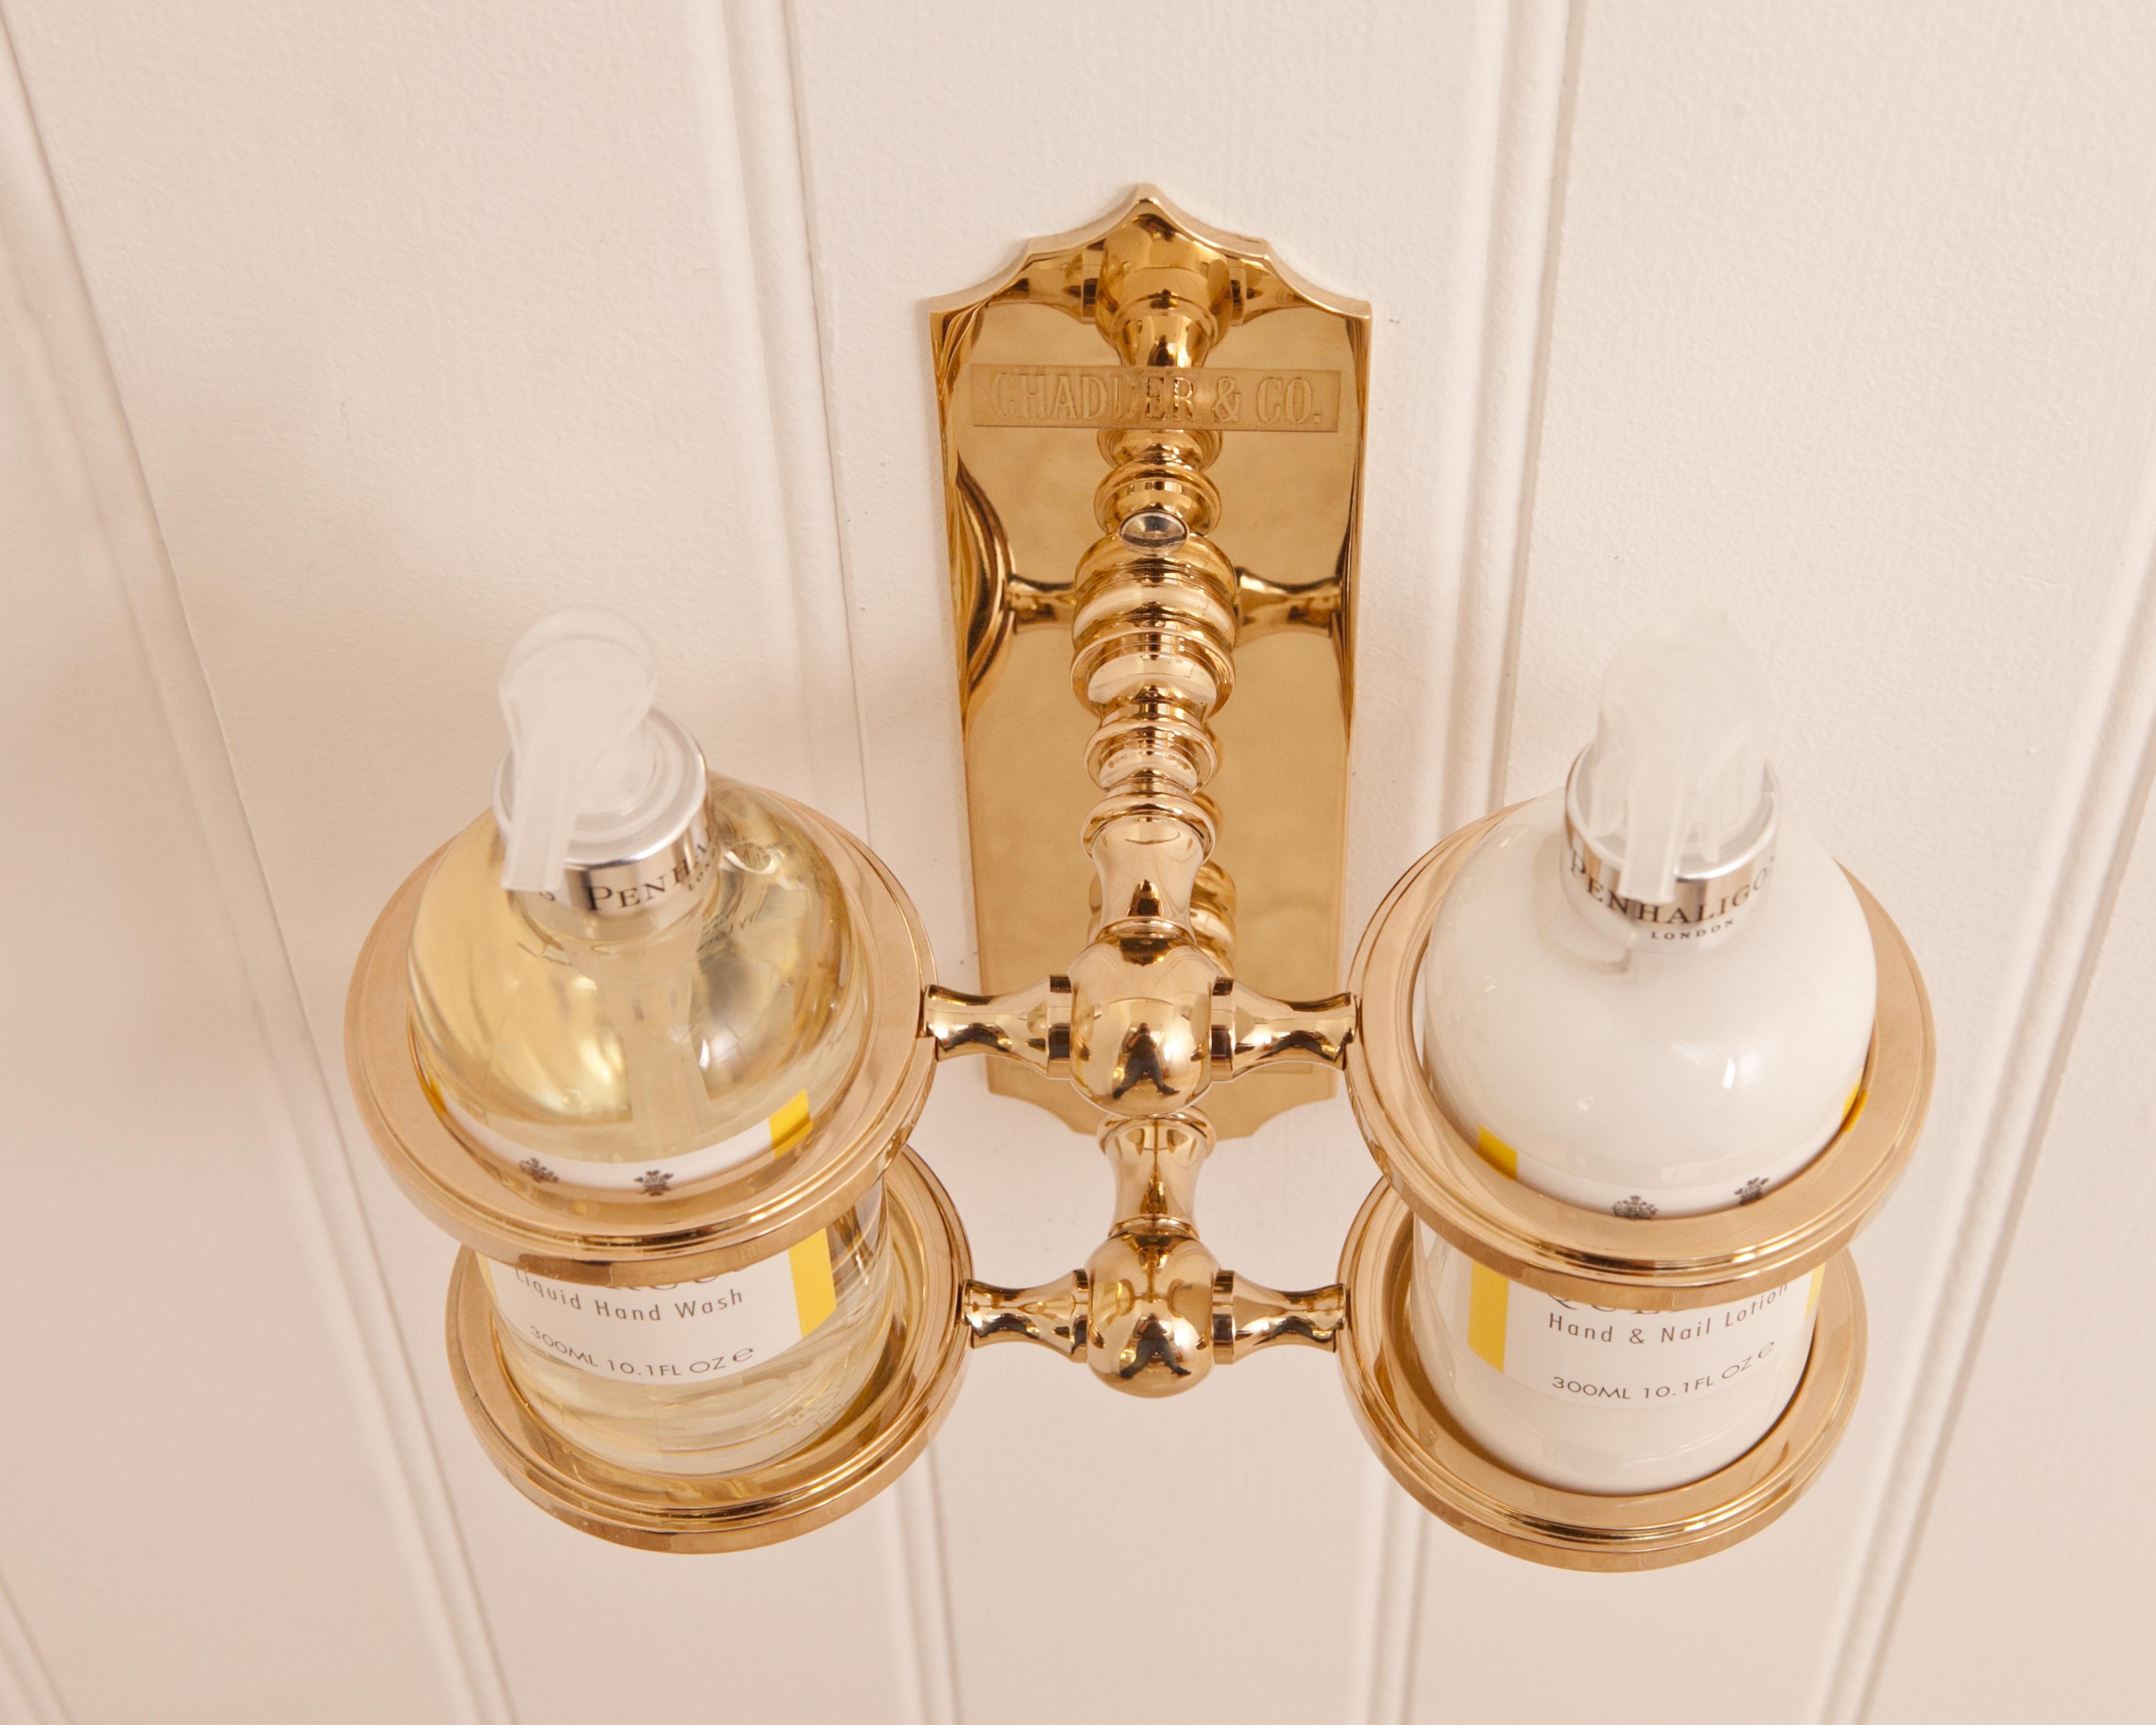 molton brown soap holder penhaligons soap bottle holder gold plate finish